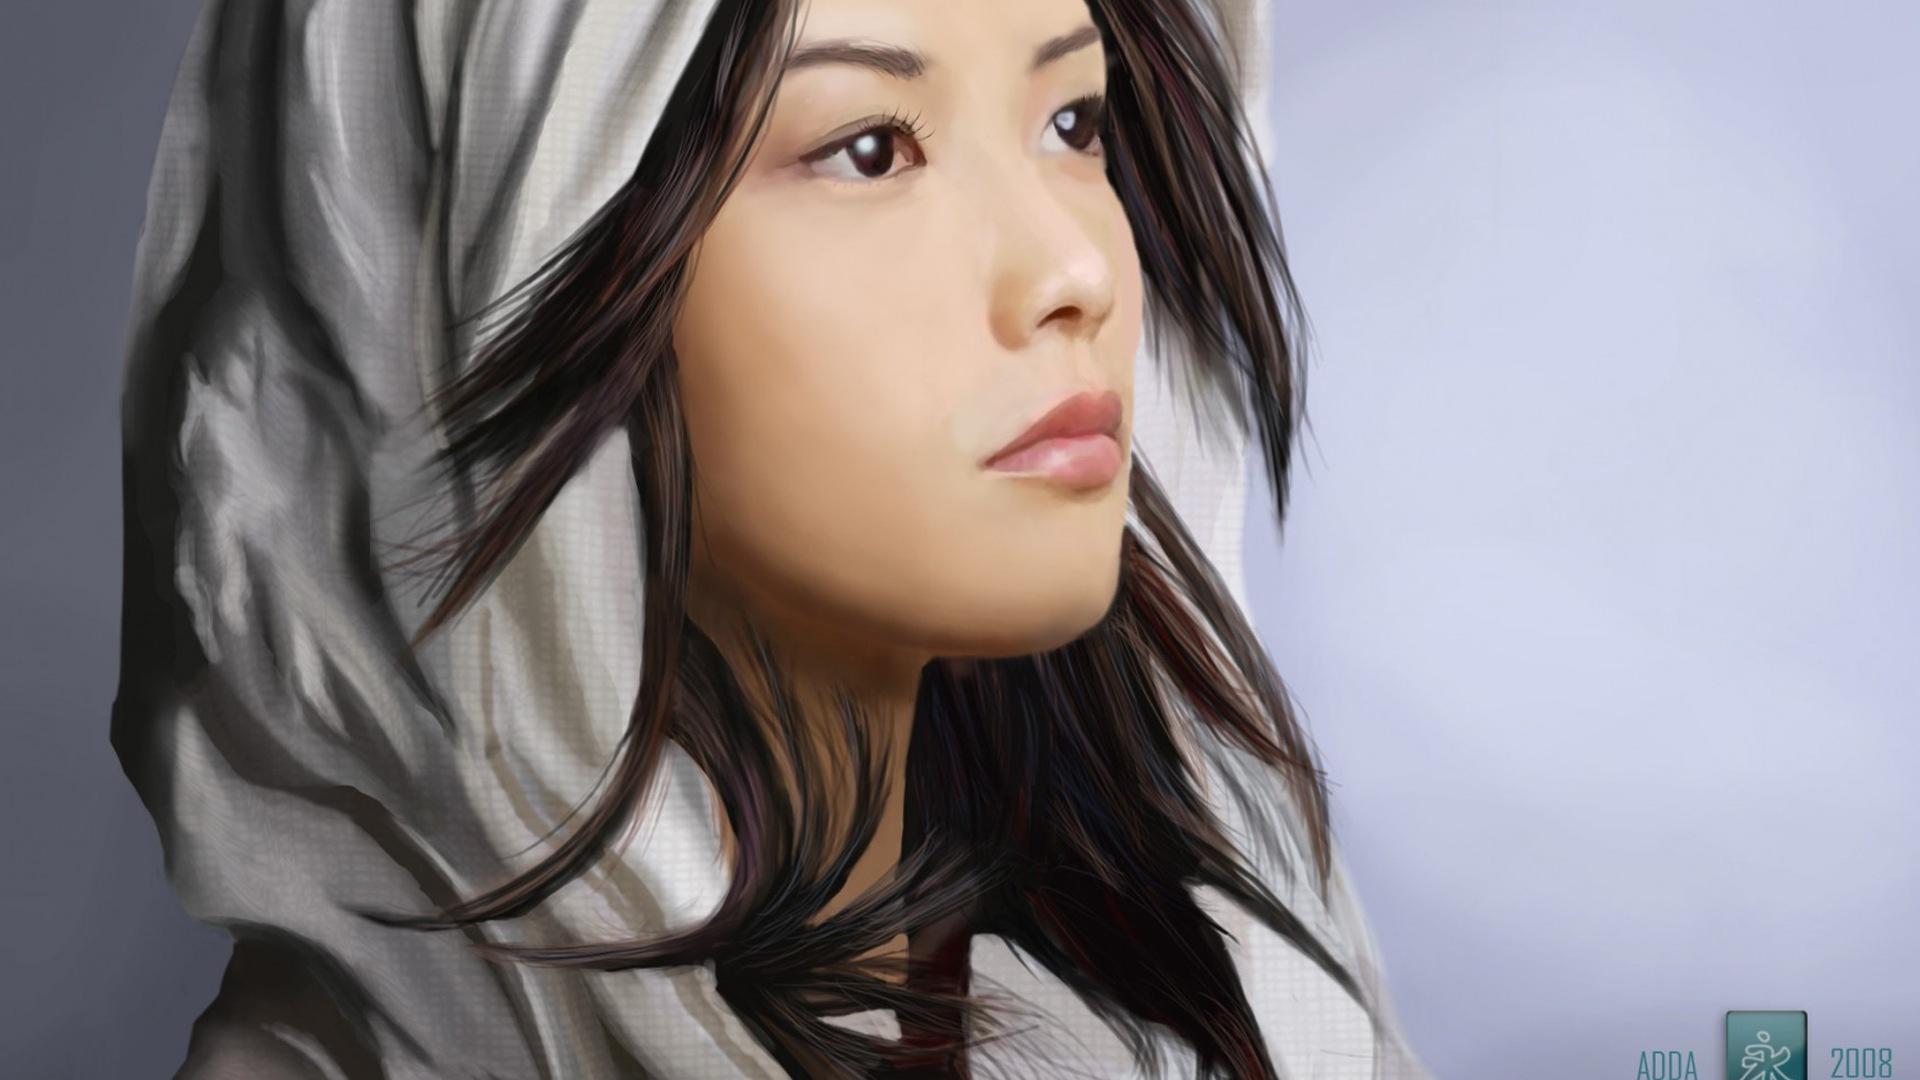 일본 가수 요시오카 유이의 HD 배경 화면 #16 - 1920x1080 배경 화면 다운로드 - 일본 가수 ... Hd Wallpaper 1920x1080